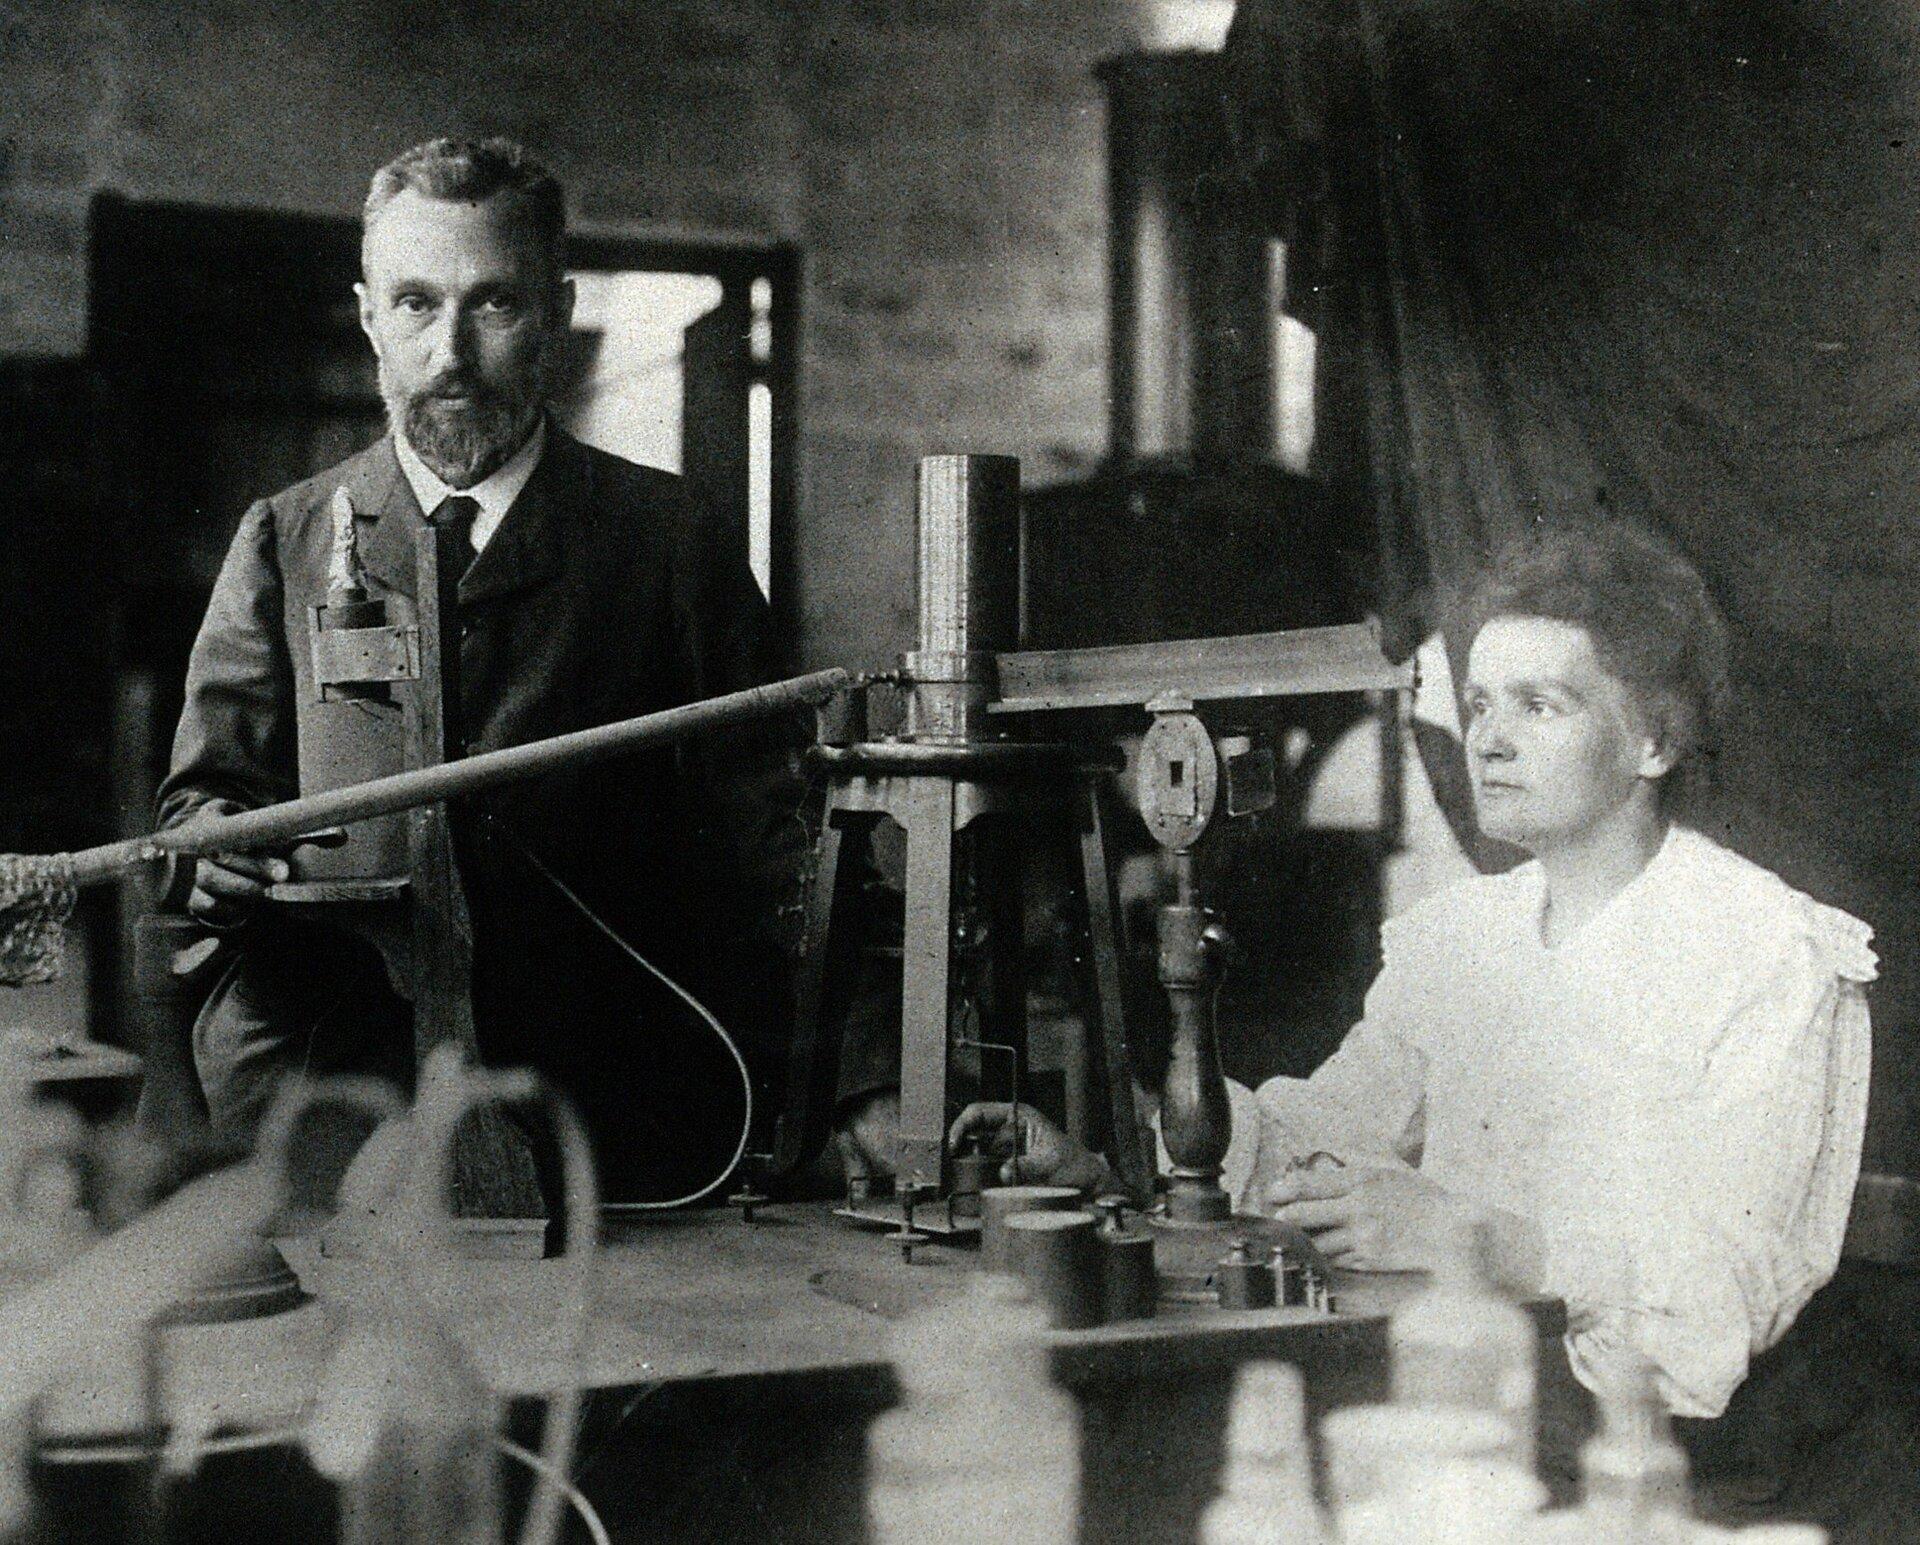 Maria iPiotr Curie wlaboratorium Źródło: Maria iPiotr Curie wlaboratorium, 1904, domena publiczna.